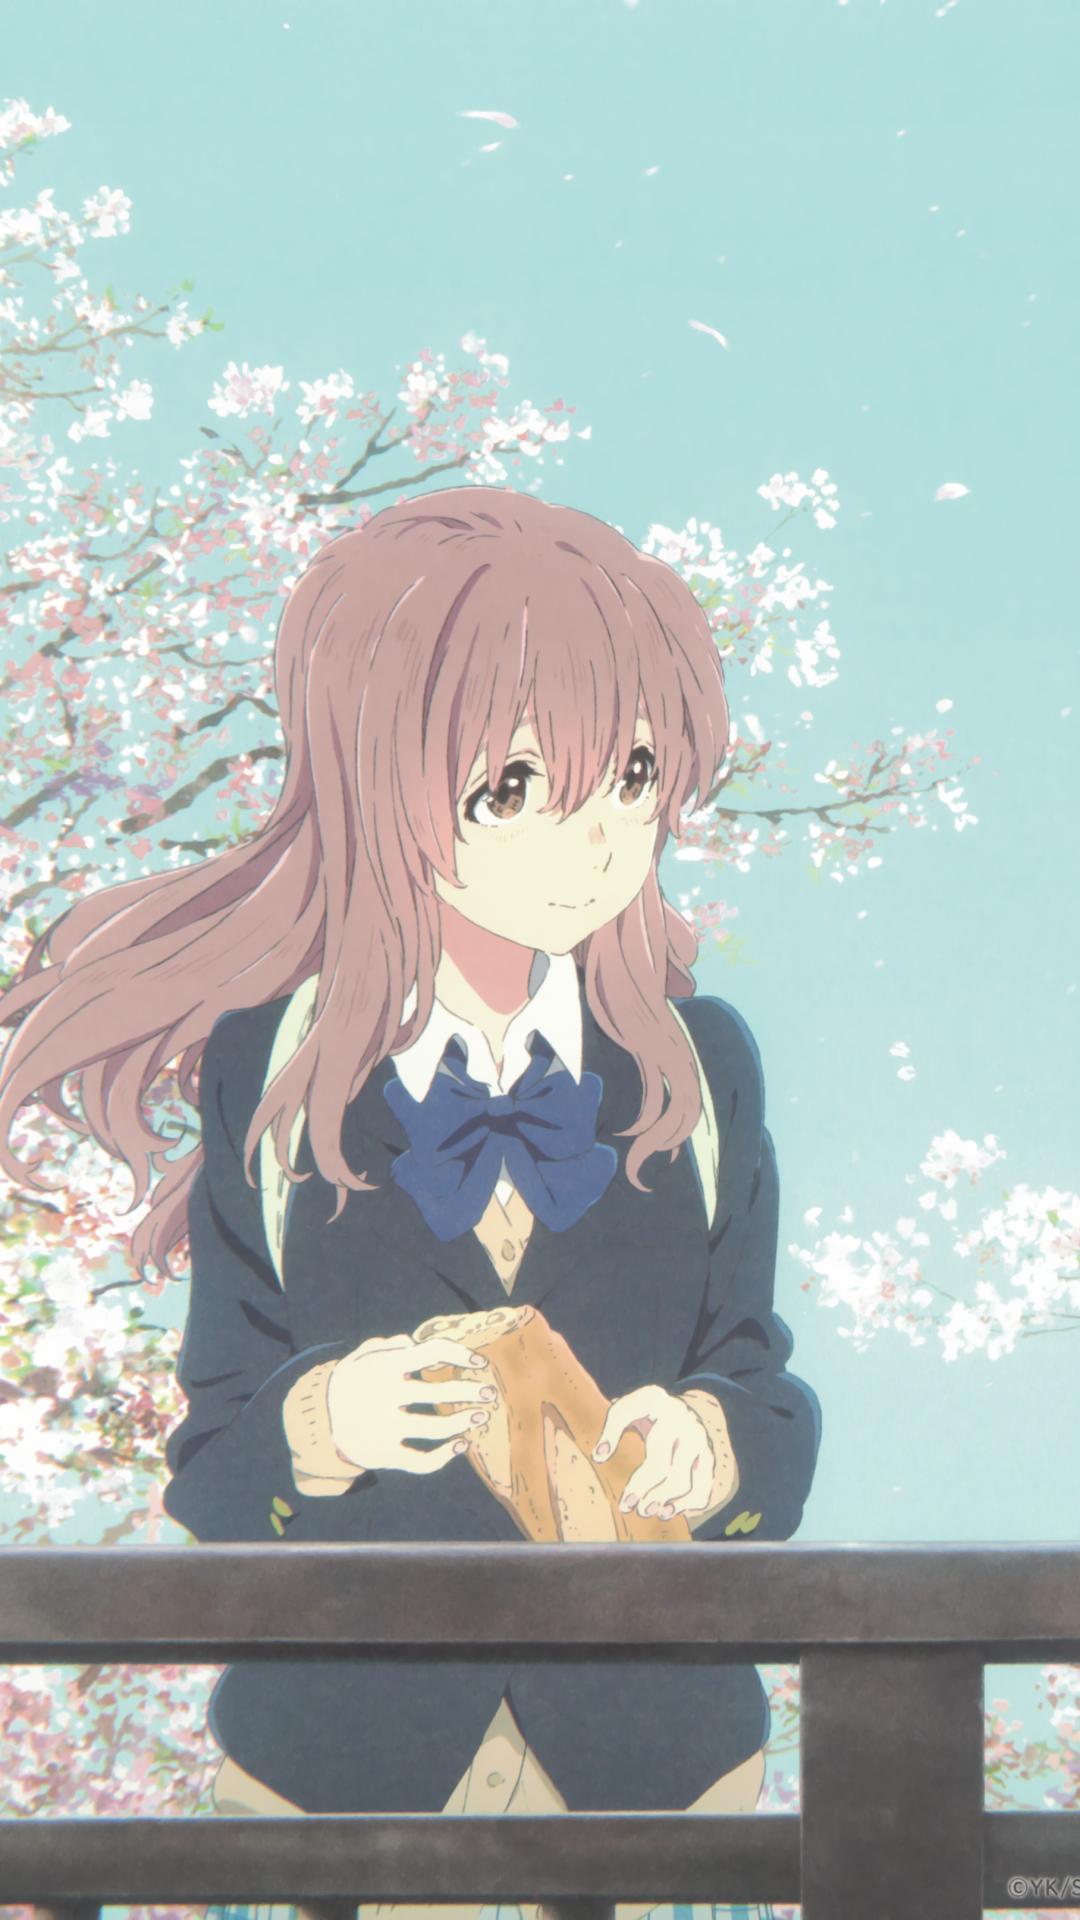 Épinglé par Segura sur Anime Films japonais